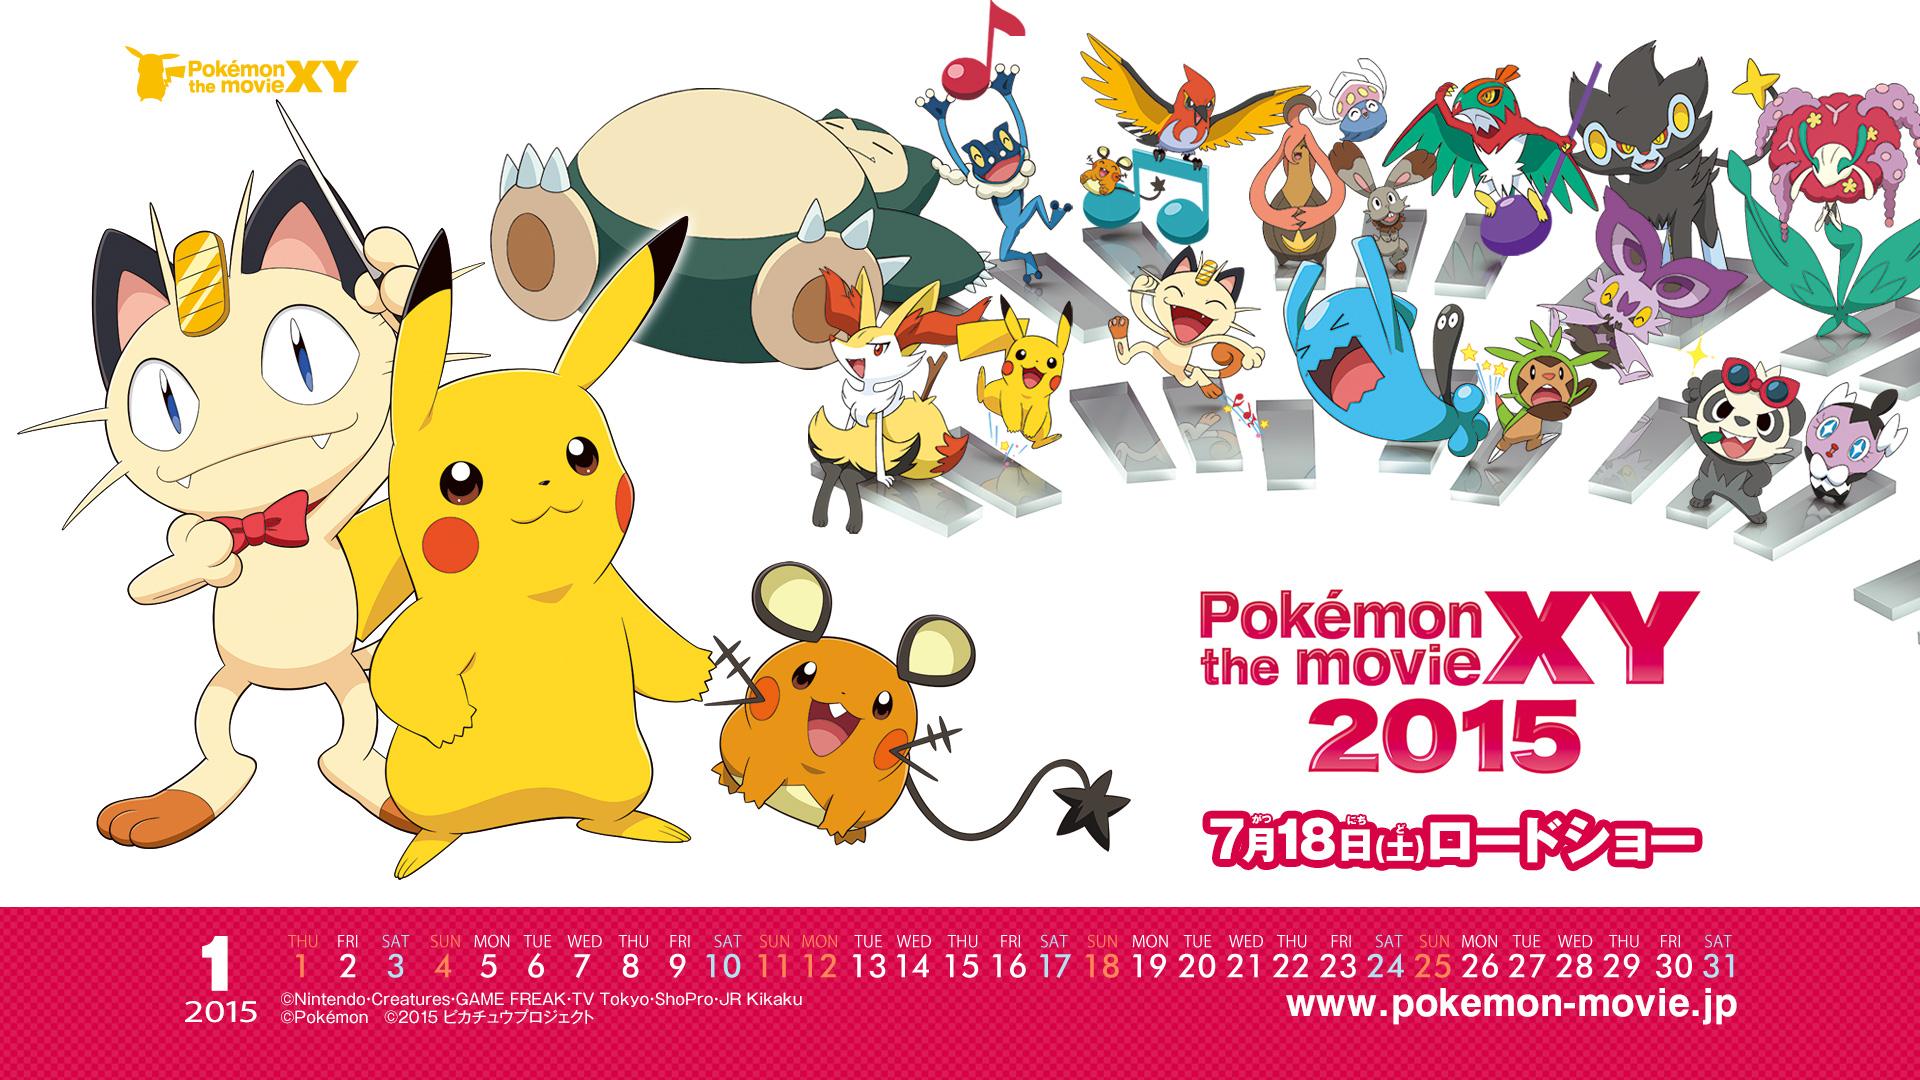 ポケモン カレンダー壁紙 2015年1月 ポケモン映画公式サイト ポケモン